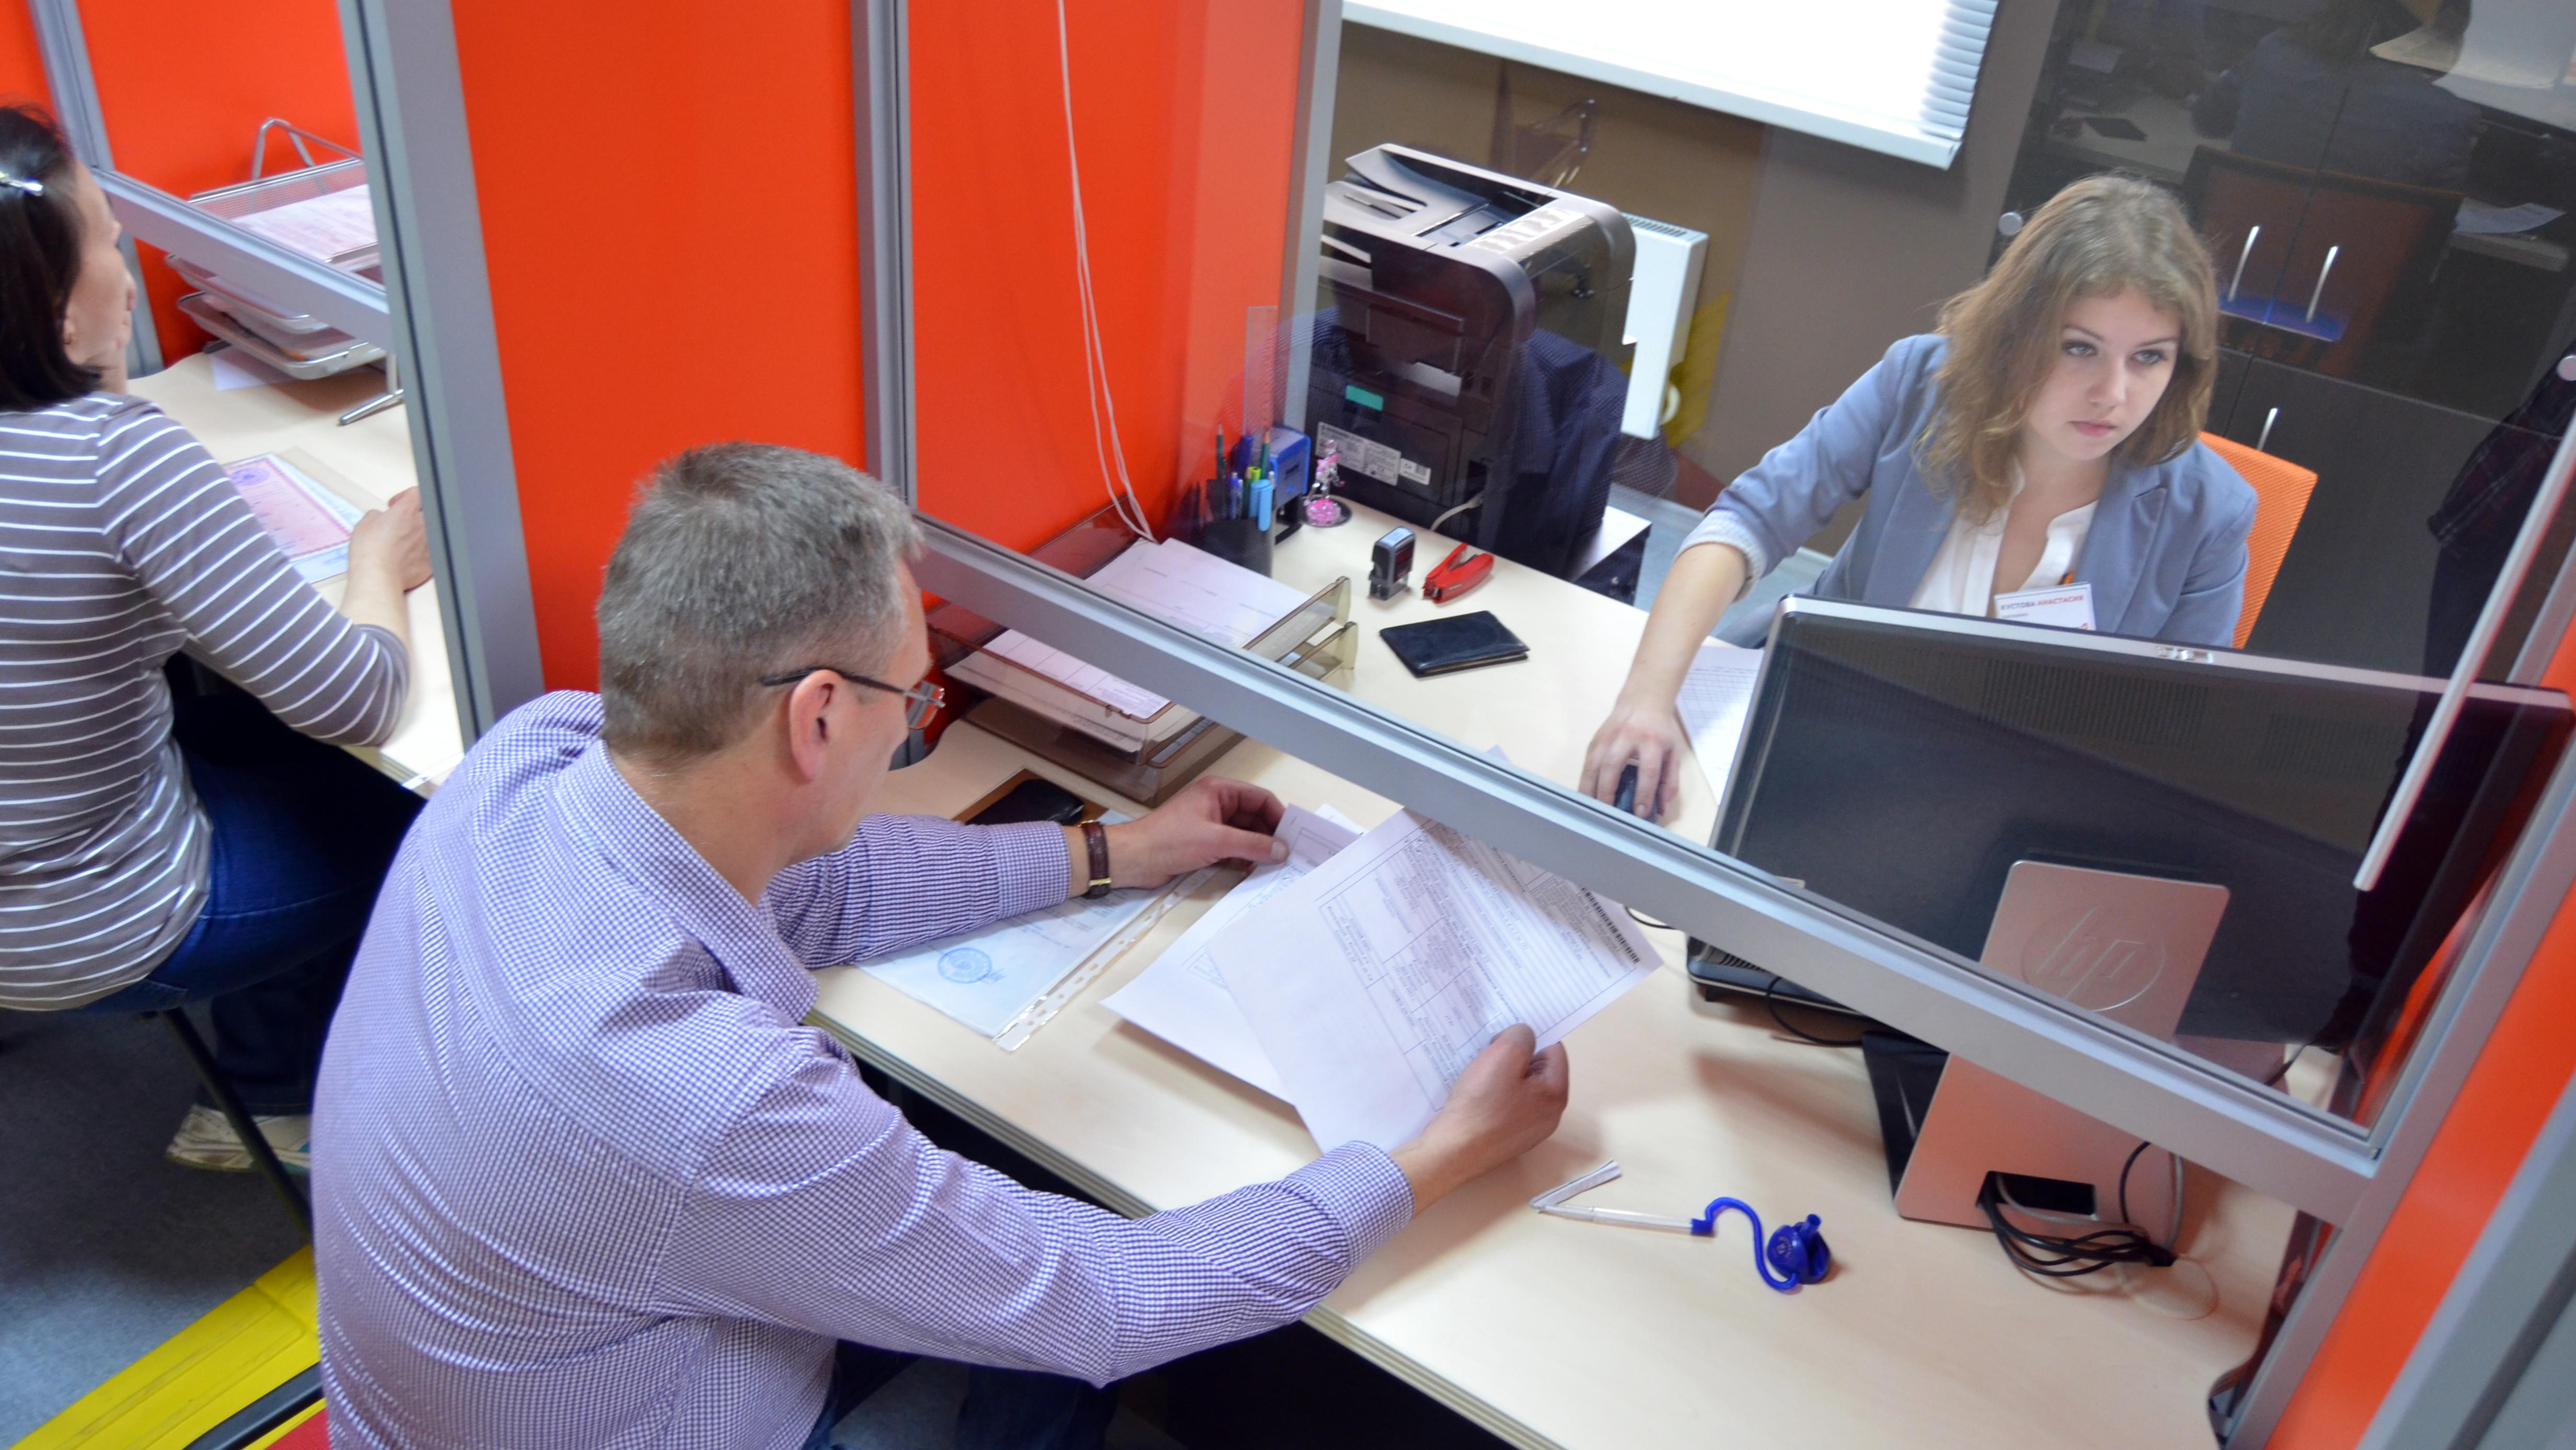 Жители Московской области смогут узнать о положенной социальной помощи в МФЦ в день обращения